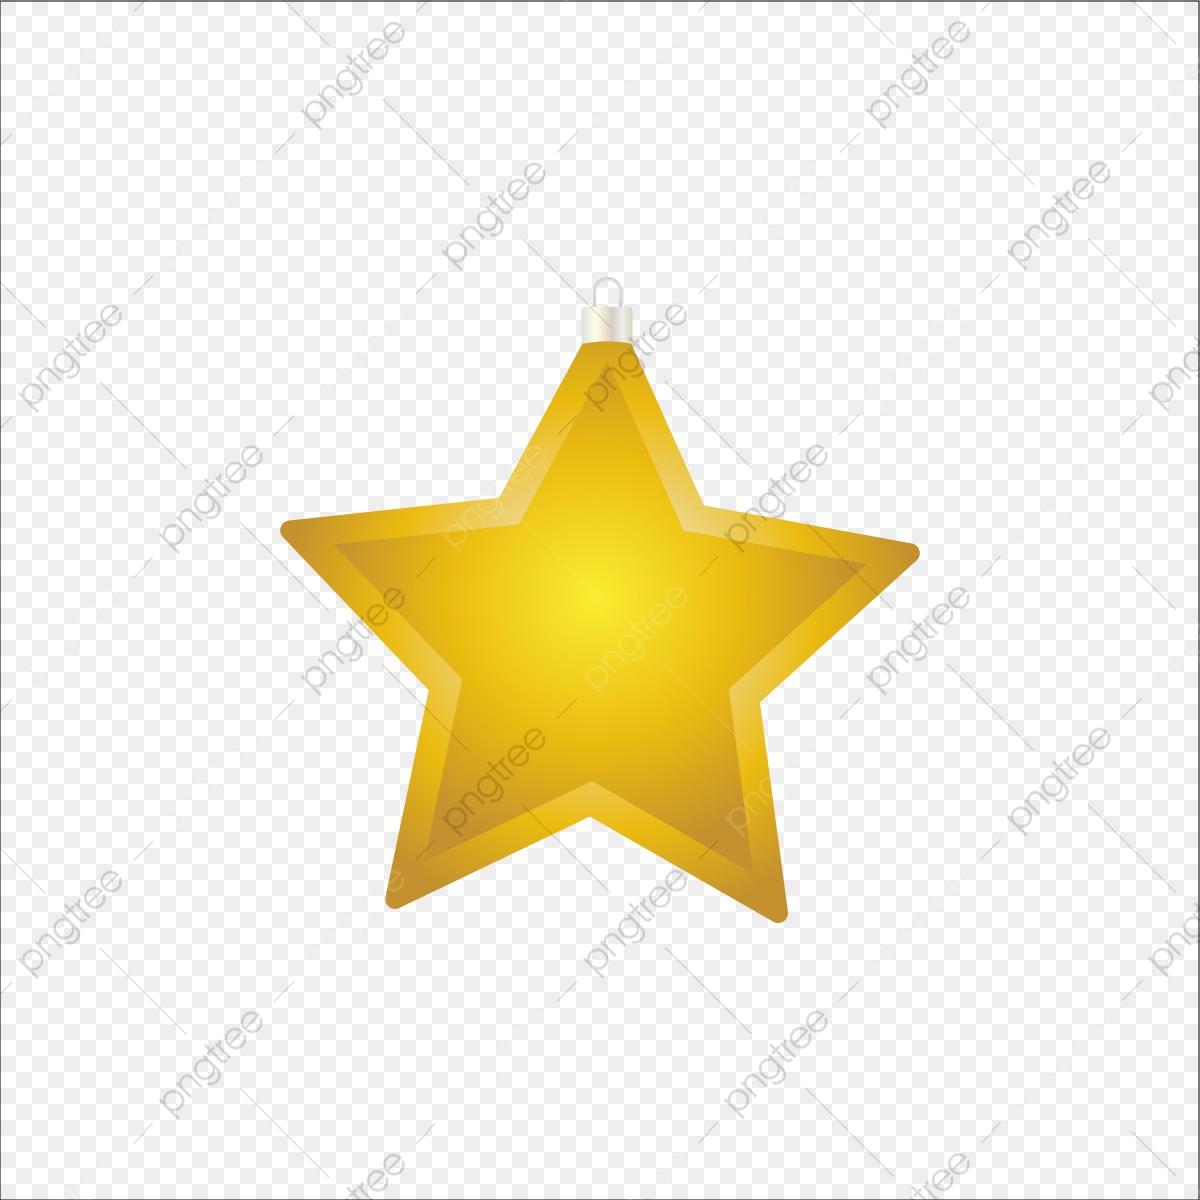 Sterne Weihnachtsbaumschmuck, Star, Weihnachts Schmuck bei Goldene Weihnachtssterne